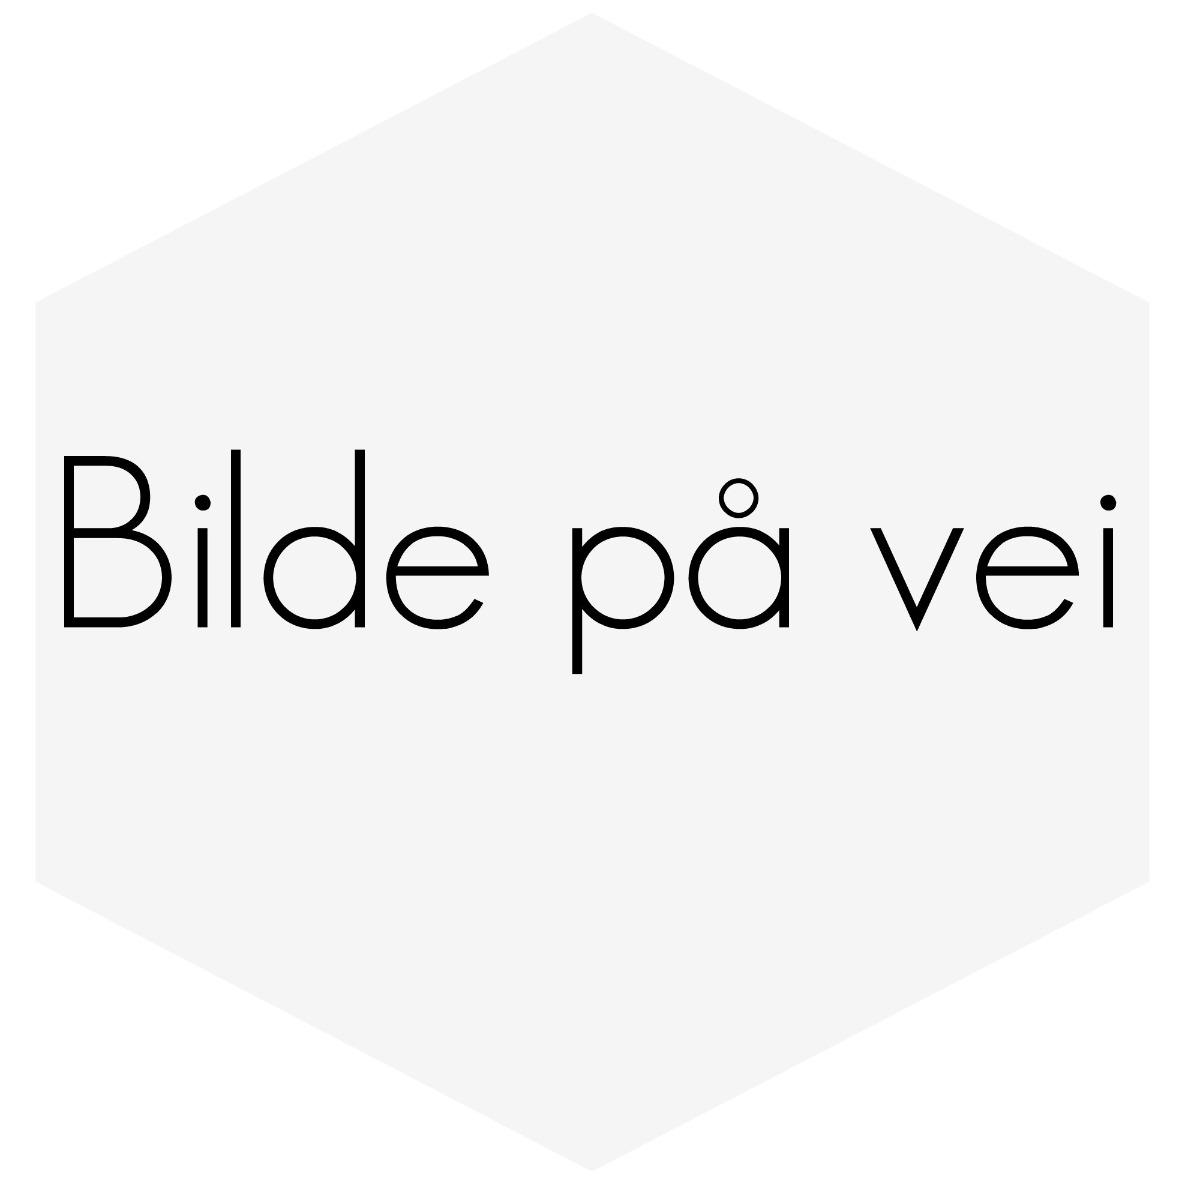 DEMPER BAKLOKK VOLVO 850 SEDAN (854) 3509350 pris pr stk